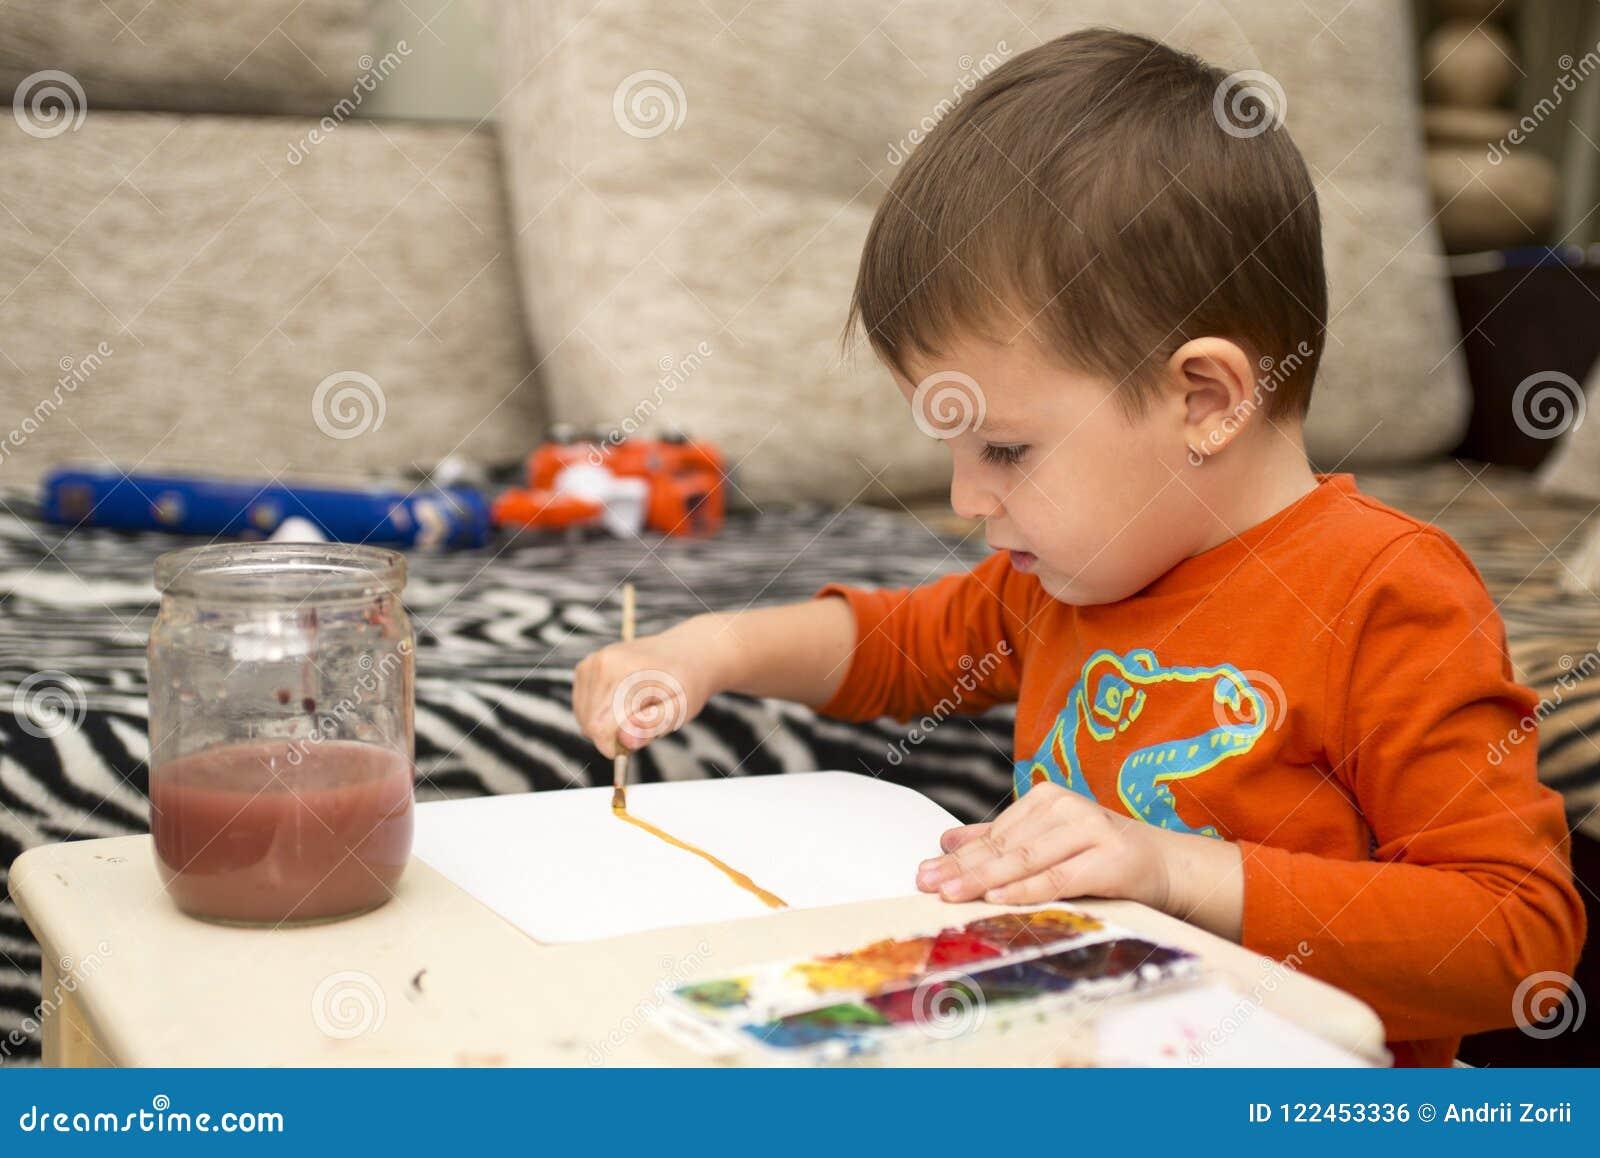 Desenho alegre feliz da criança com escova usando ferramentas de uma pintura Conceito da faculdade criadora crianças, crianças qu